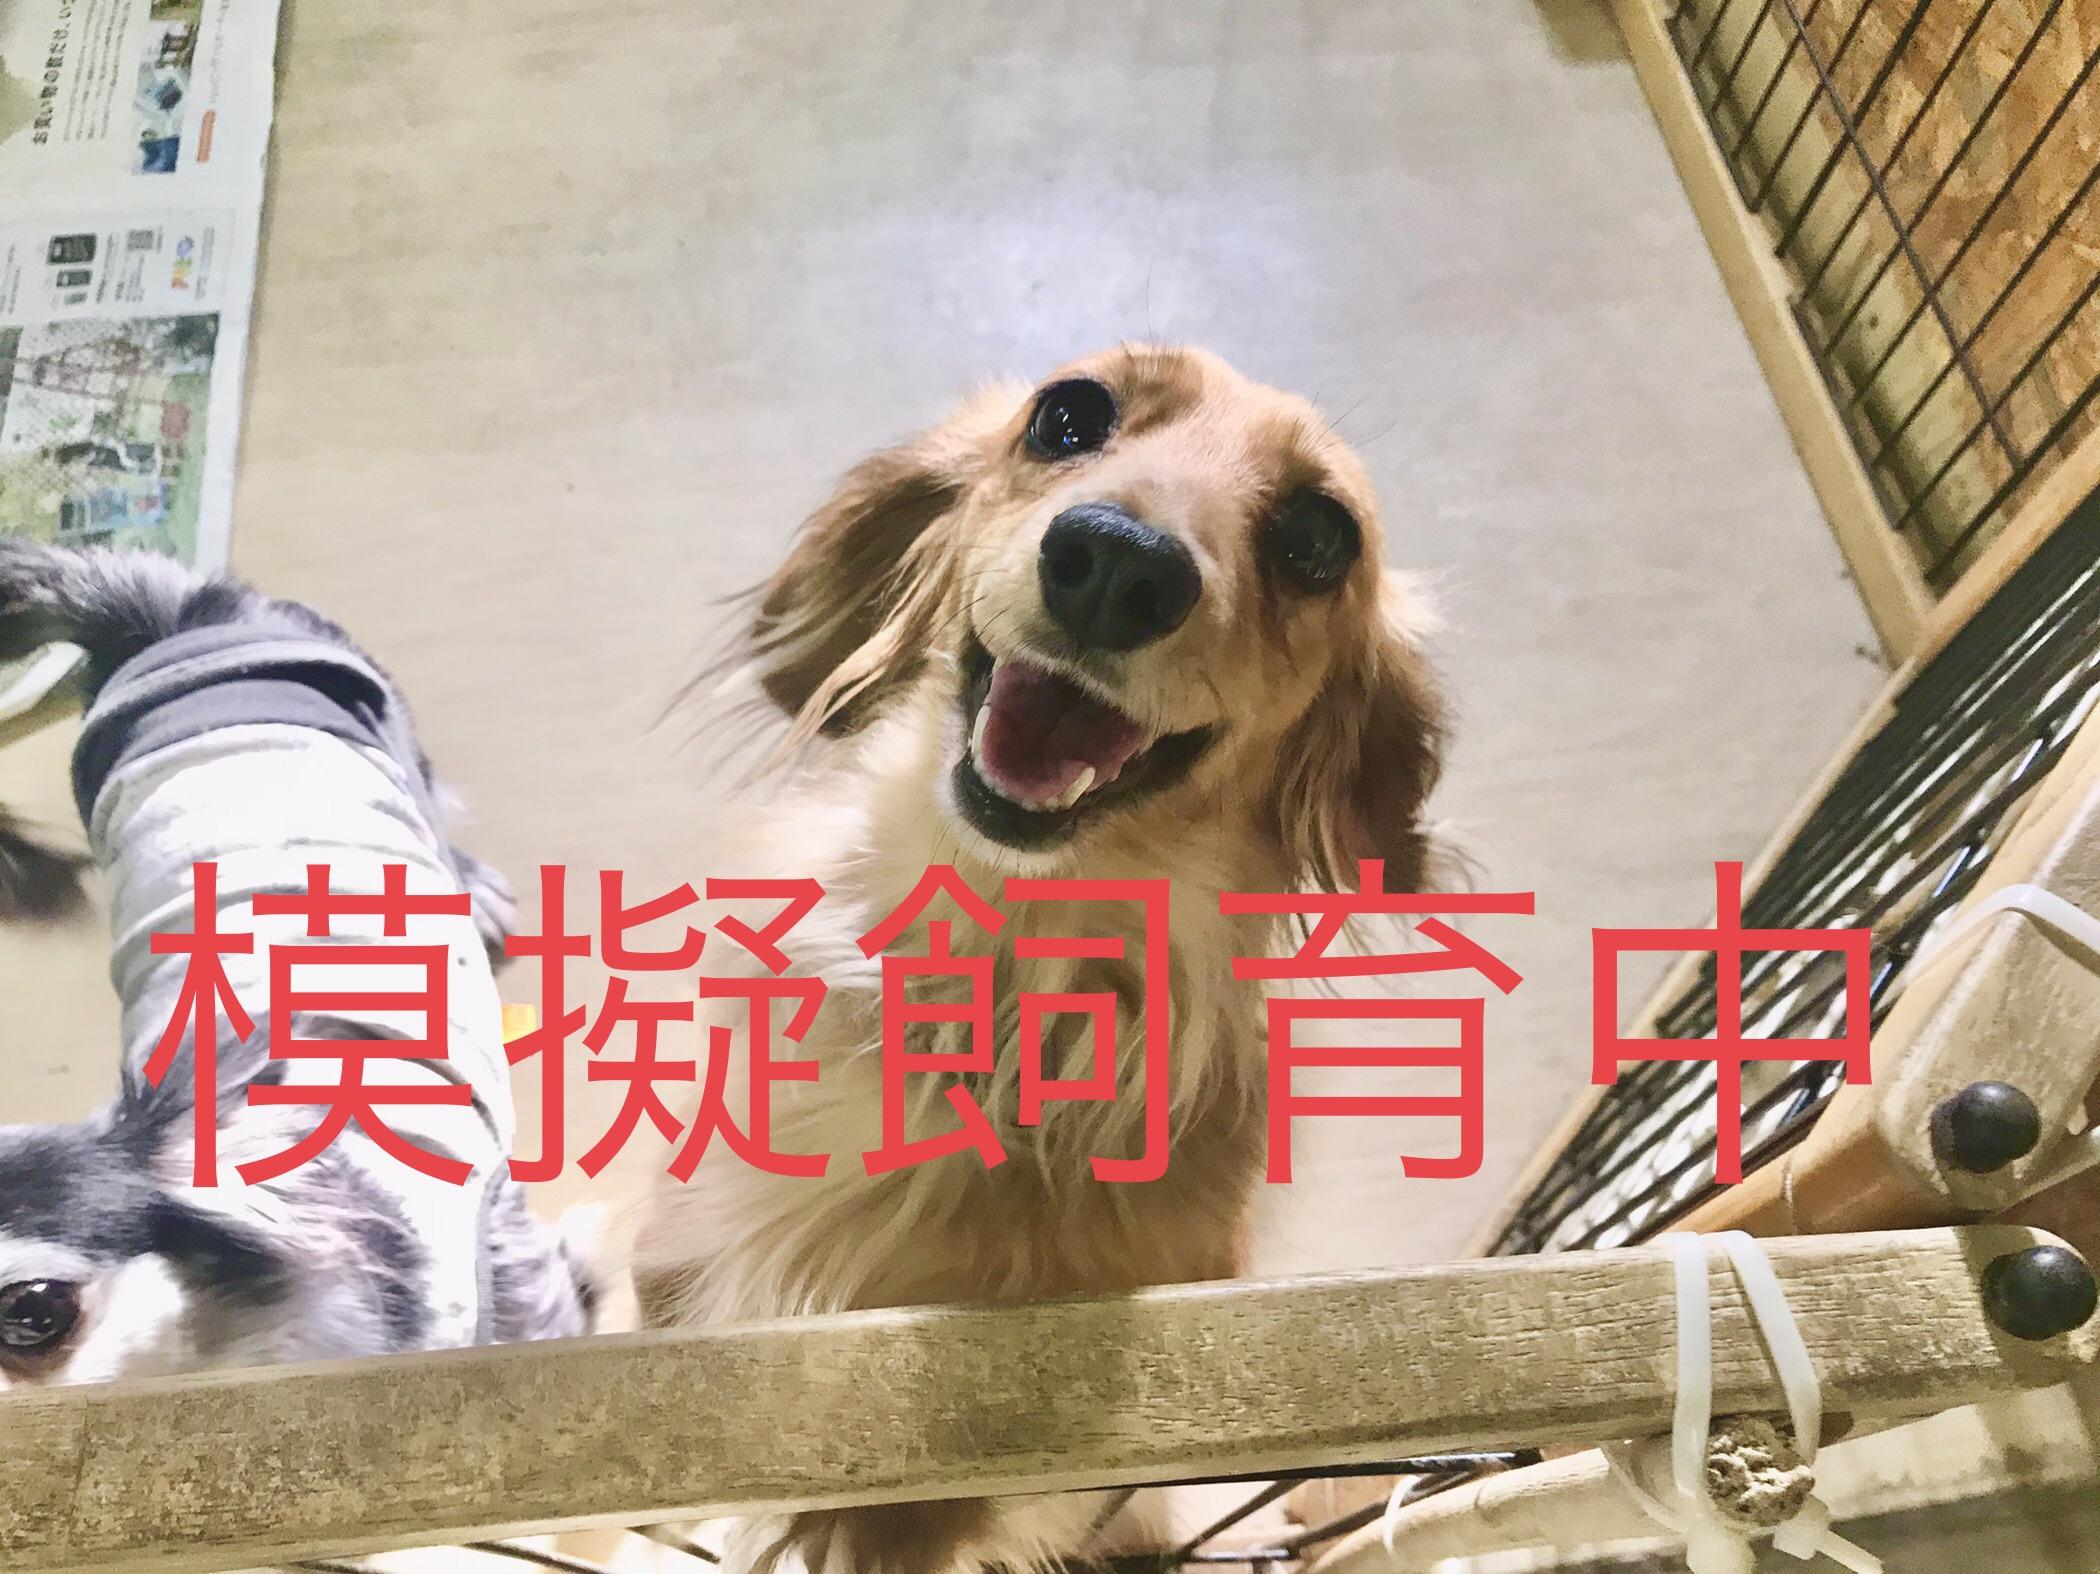 <ul> <li>犬種:ミニチュアダックス</li> <li>性別:女の子</li> <li>名前:みゅー</li> <li>年齢:2015年6月</li> <li>保護経緯:飼い主様が病気療養のため飼育困難になり引き取りました</li> </ul>